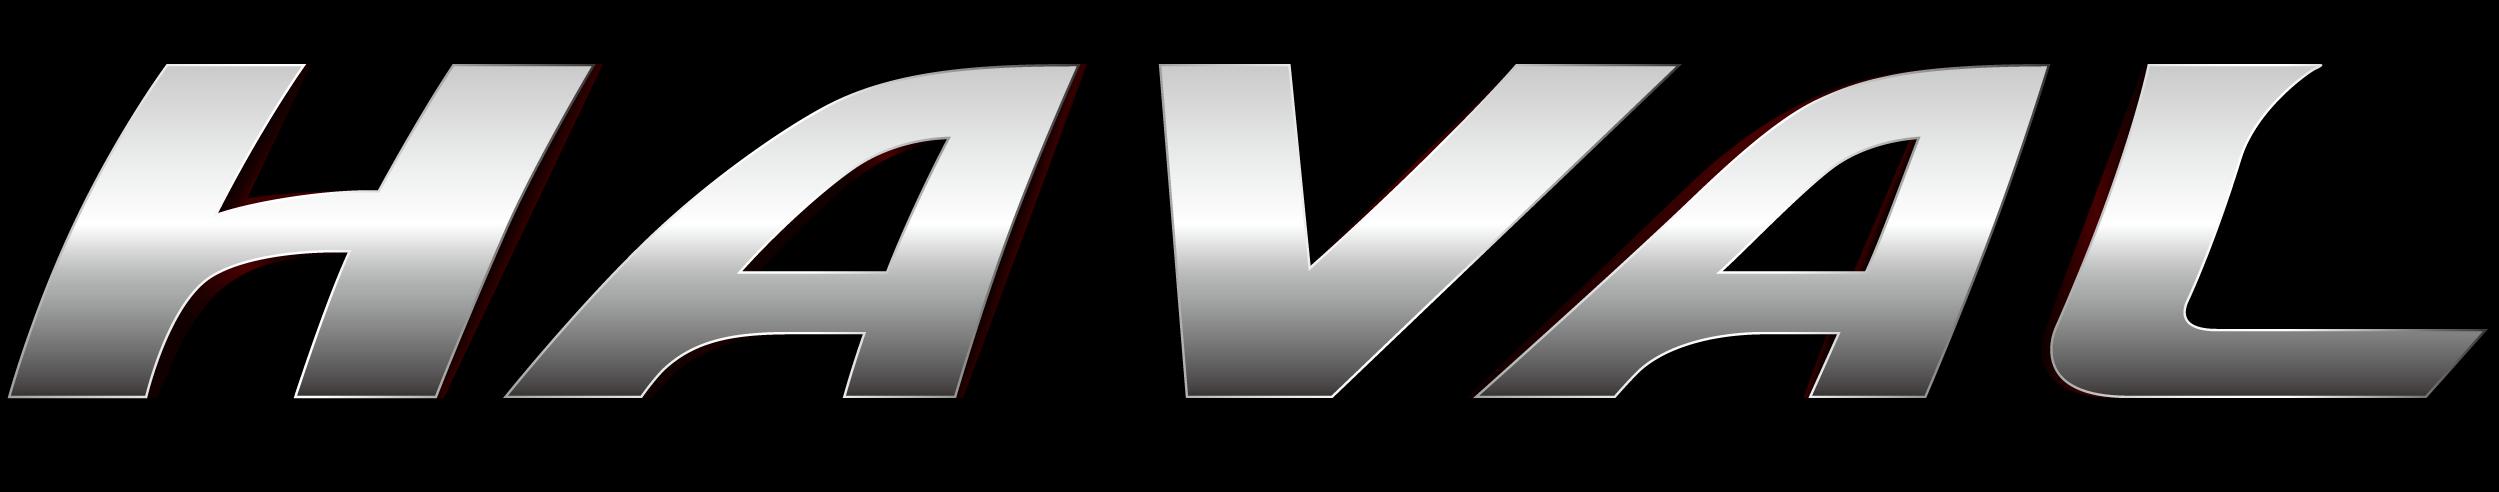 Haval Логотип1